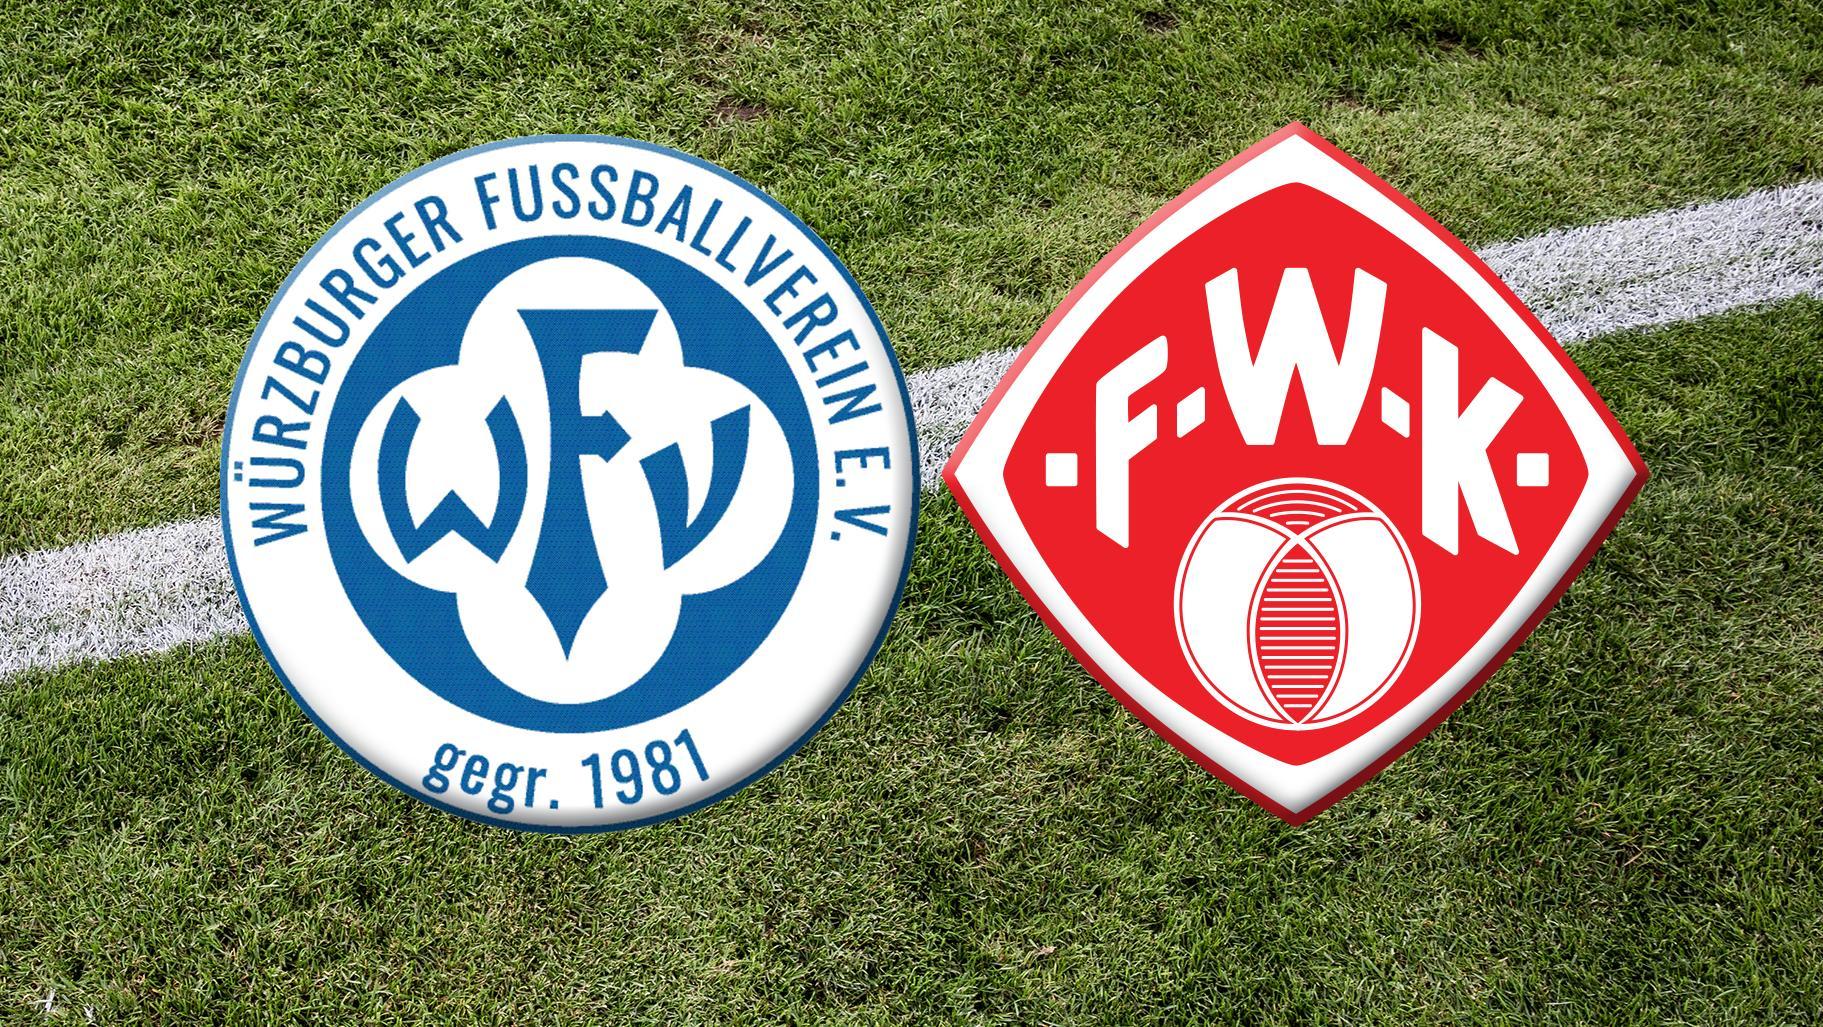 Vereinslogos des Würzburger FV und der Würzburger Kickers